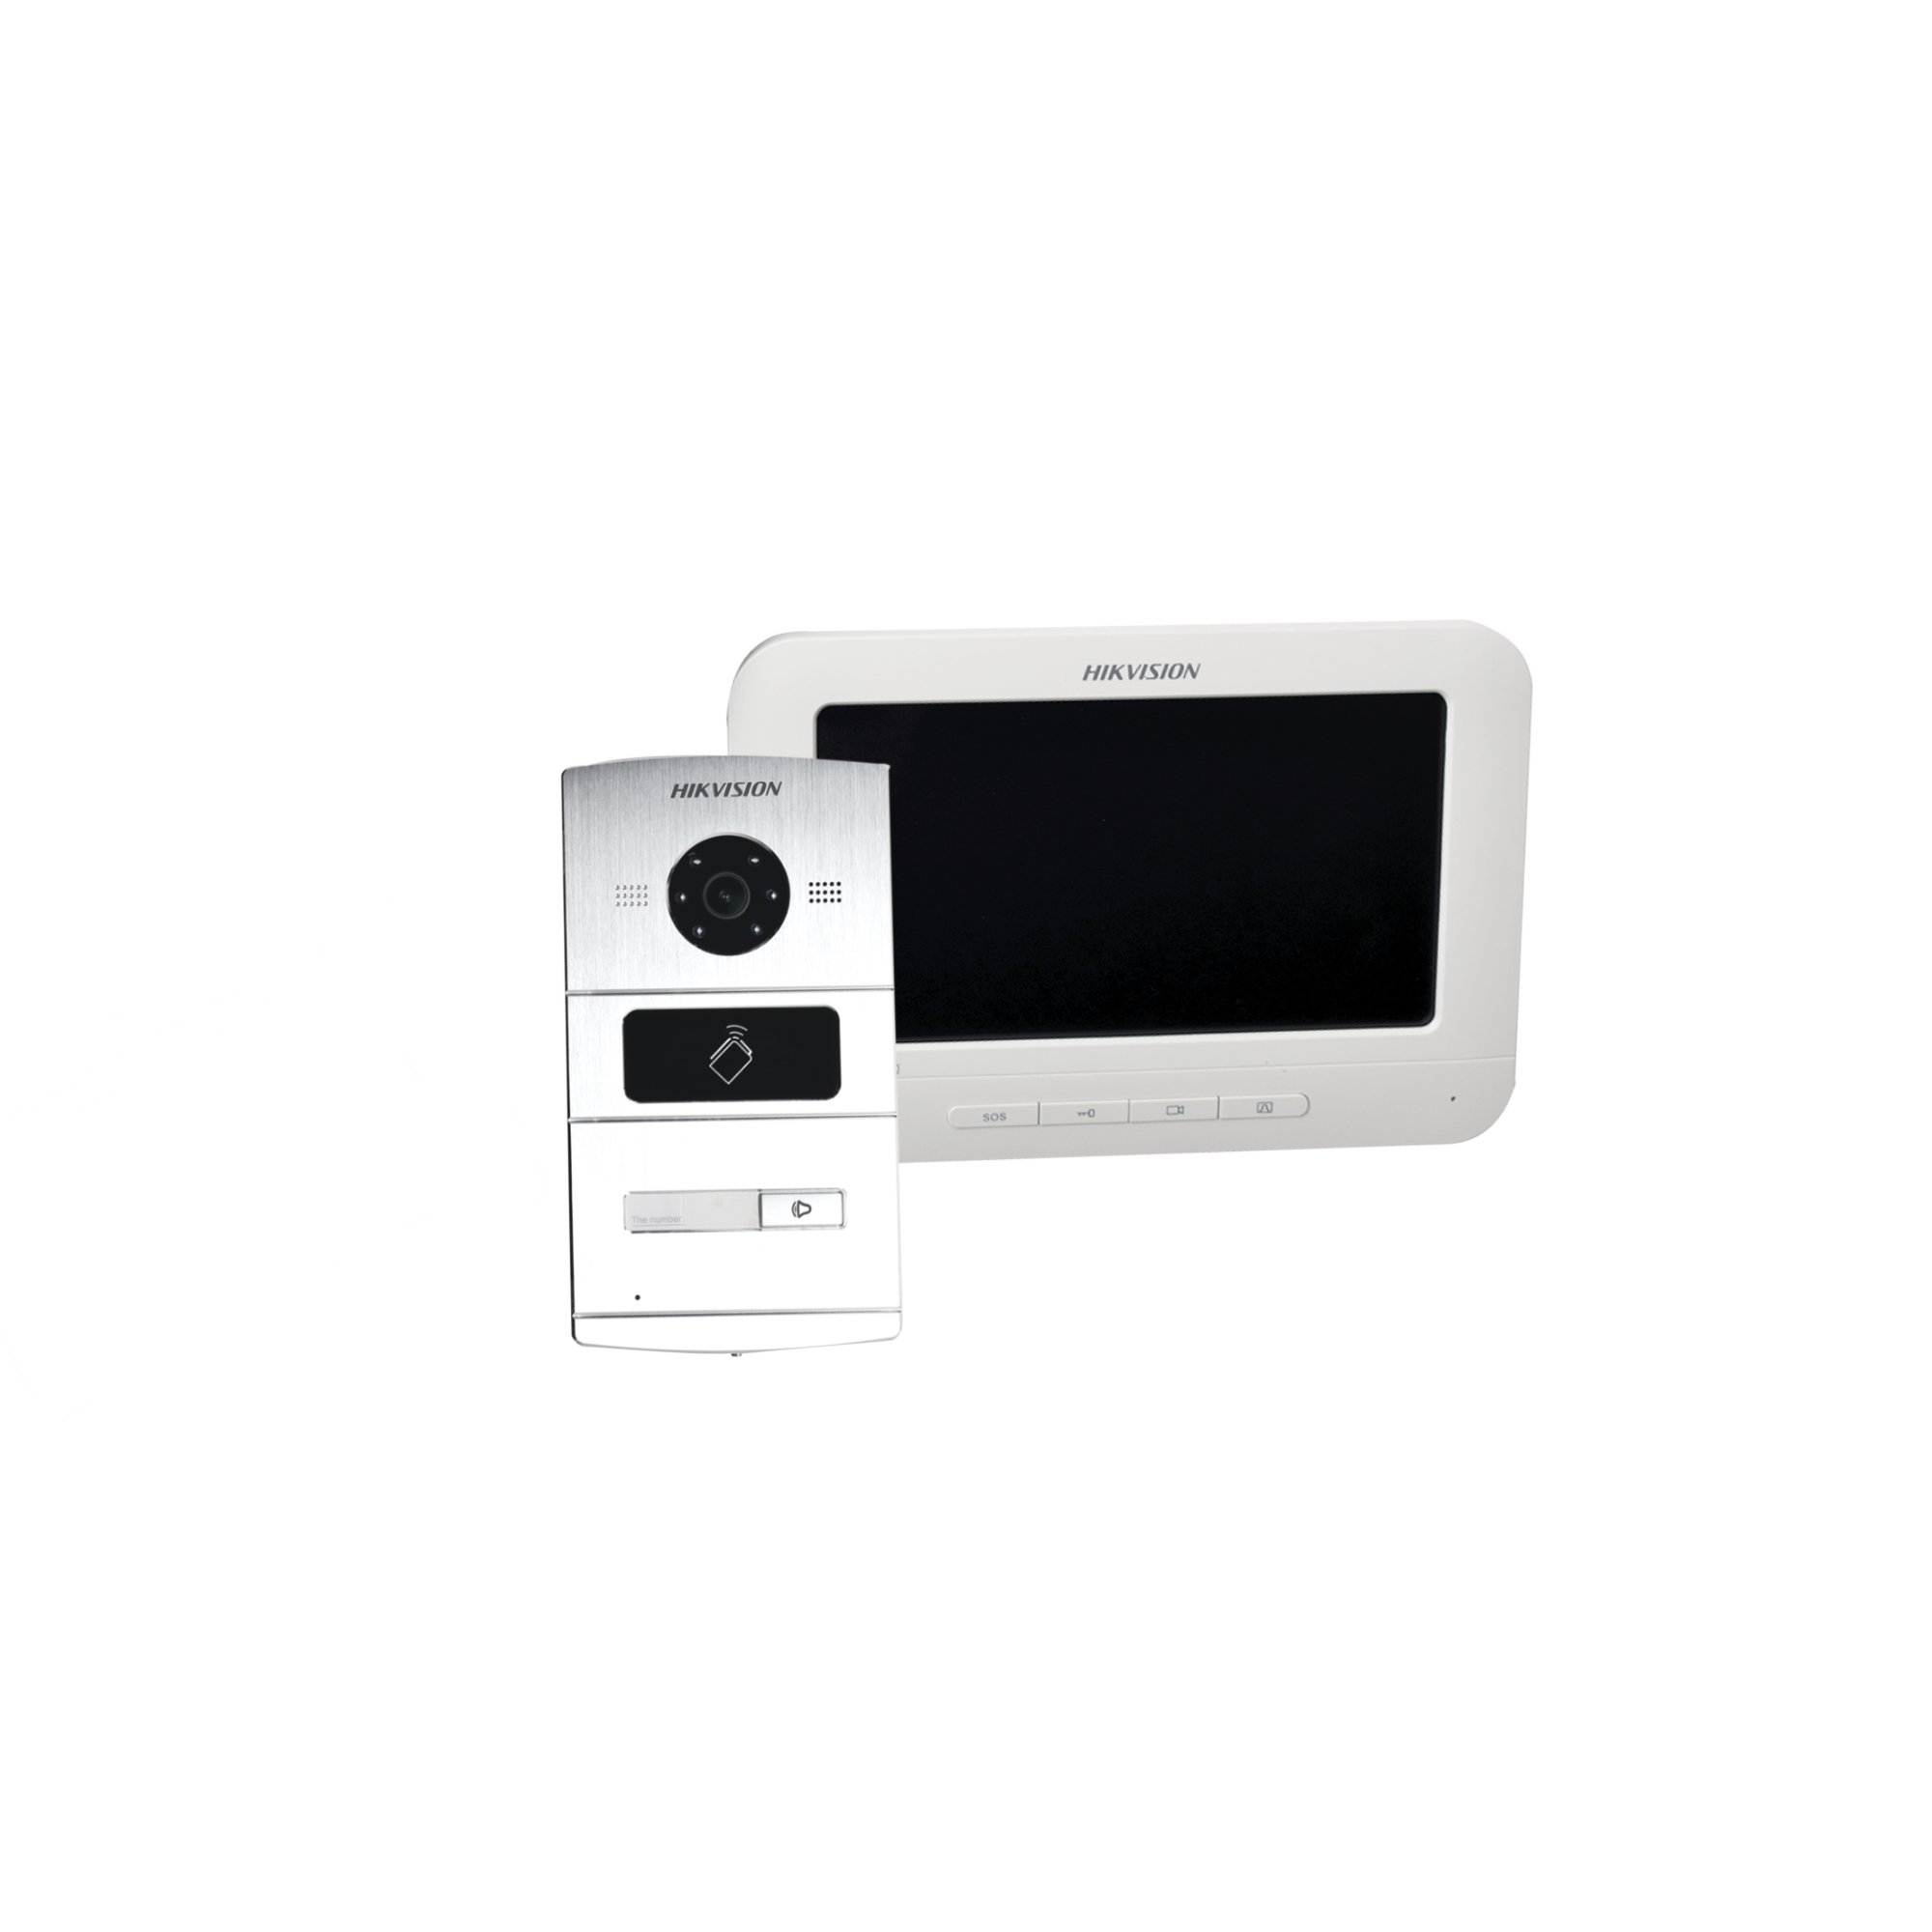 Kit de Videoportero IP / 1.3 Megapixel HD / Monitor Touch / Lector de Tarjetas para Función de Control de Acceso (tarjetas Mifare) / Compatible con Hik-connect para recepción de llamada con App móvil.